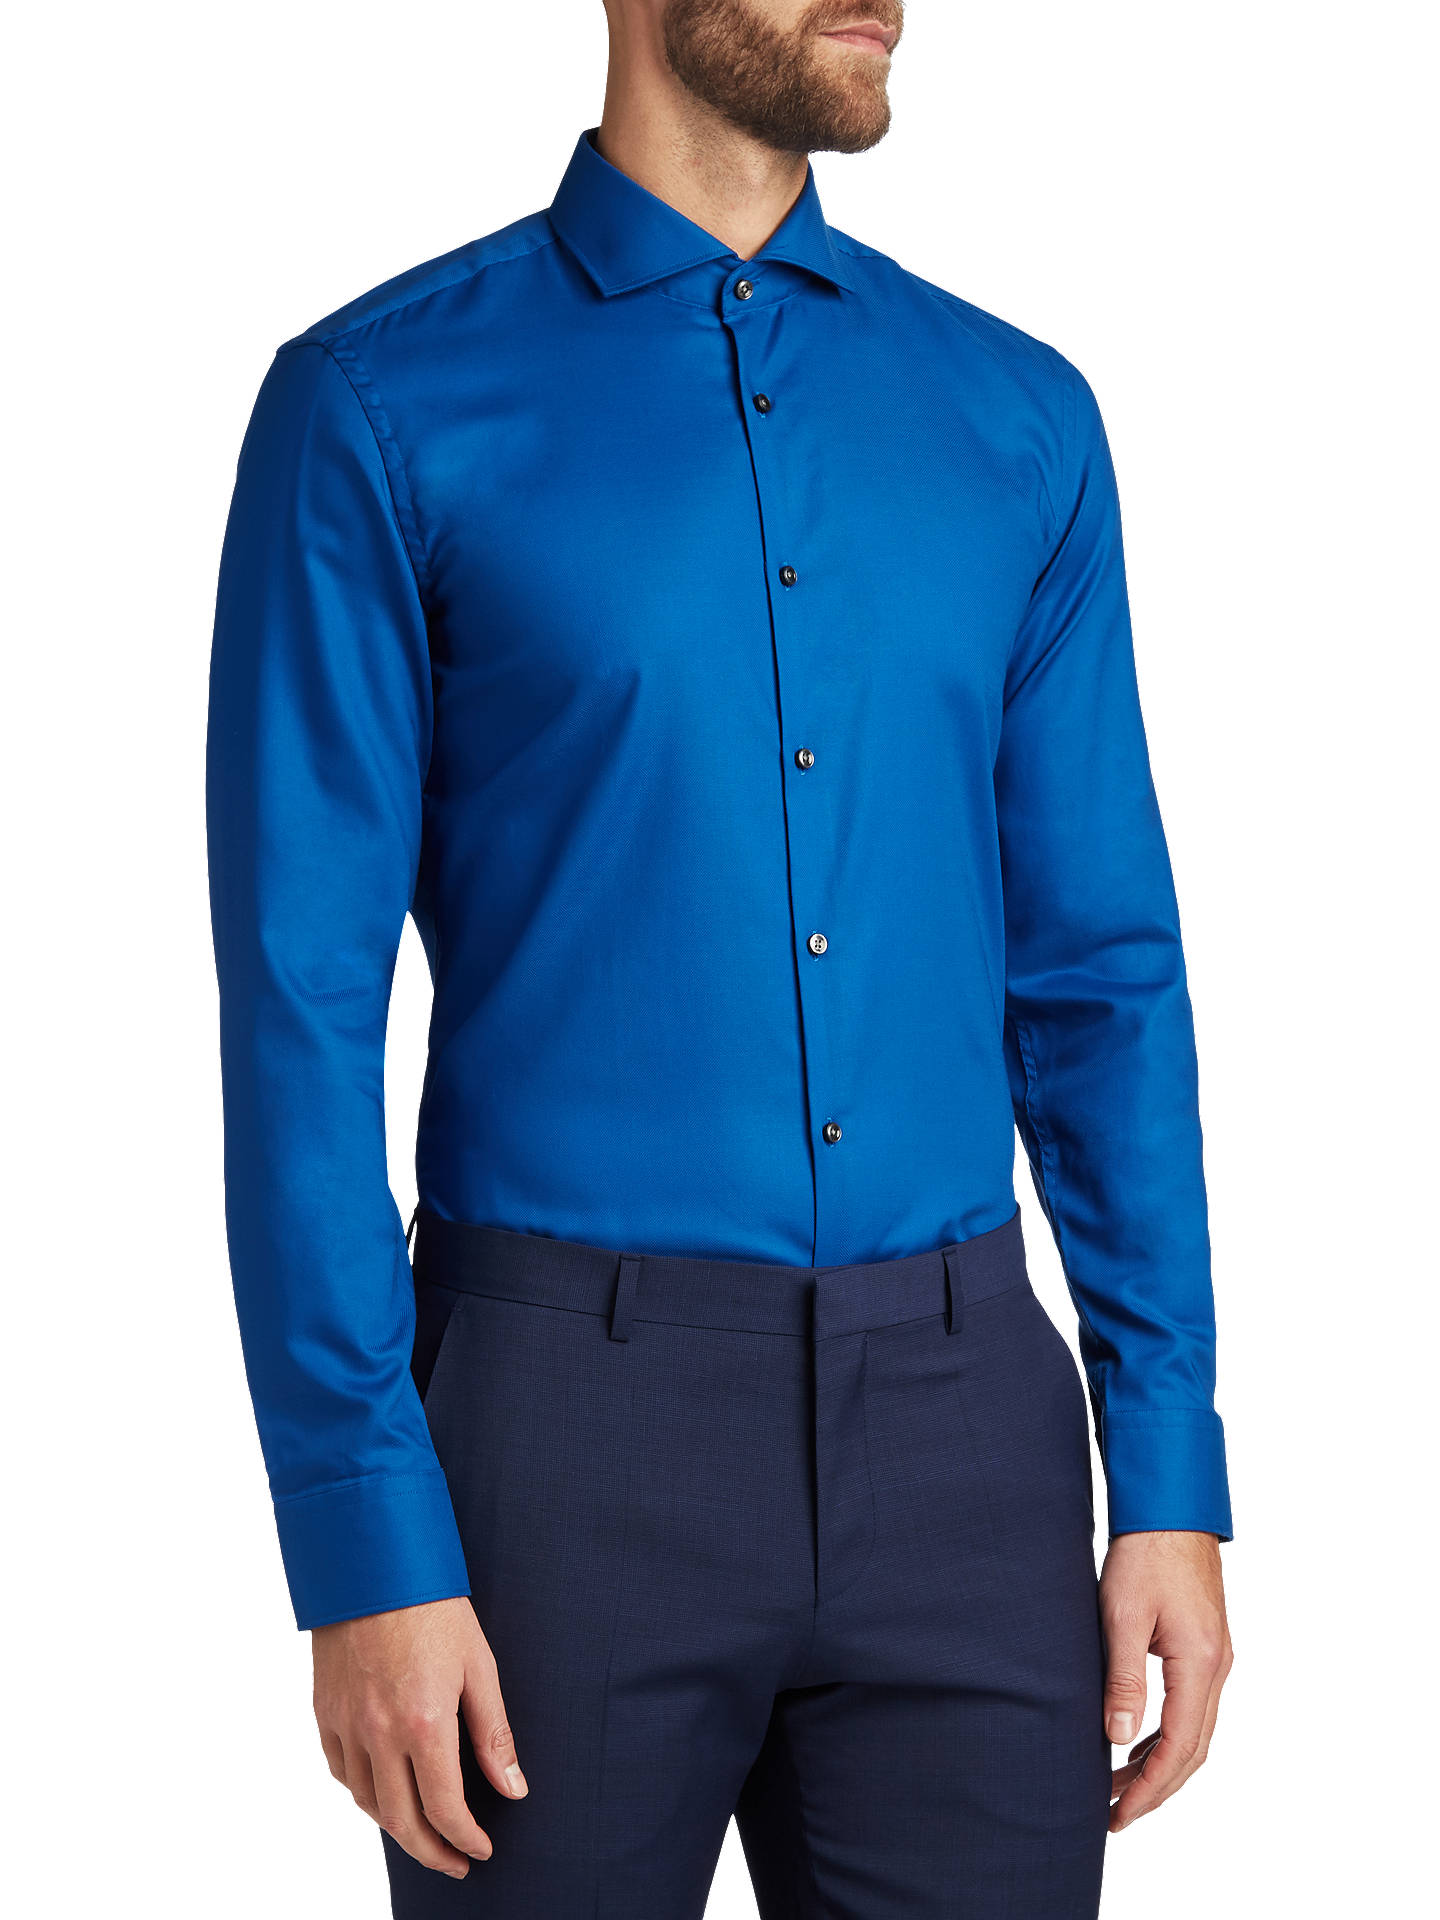 6762e3ca8 HUGO by Hugo Boss C-Jason Easy Iron Cotton Slim Fit Shirt, Open Blue ...